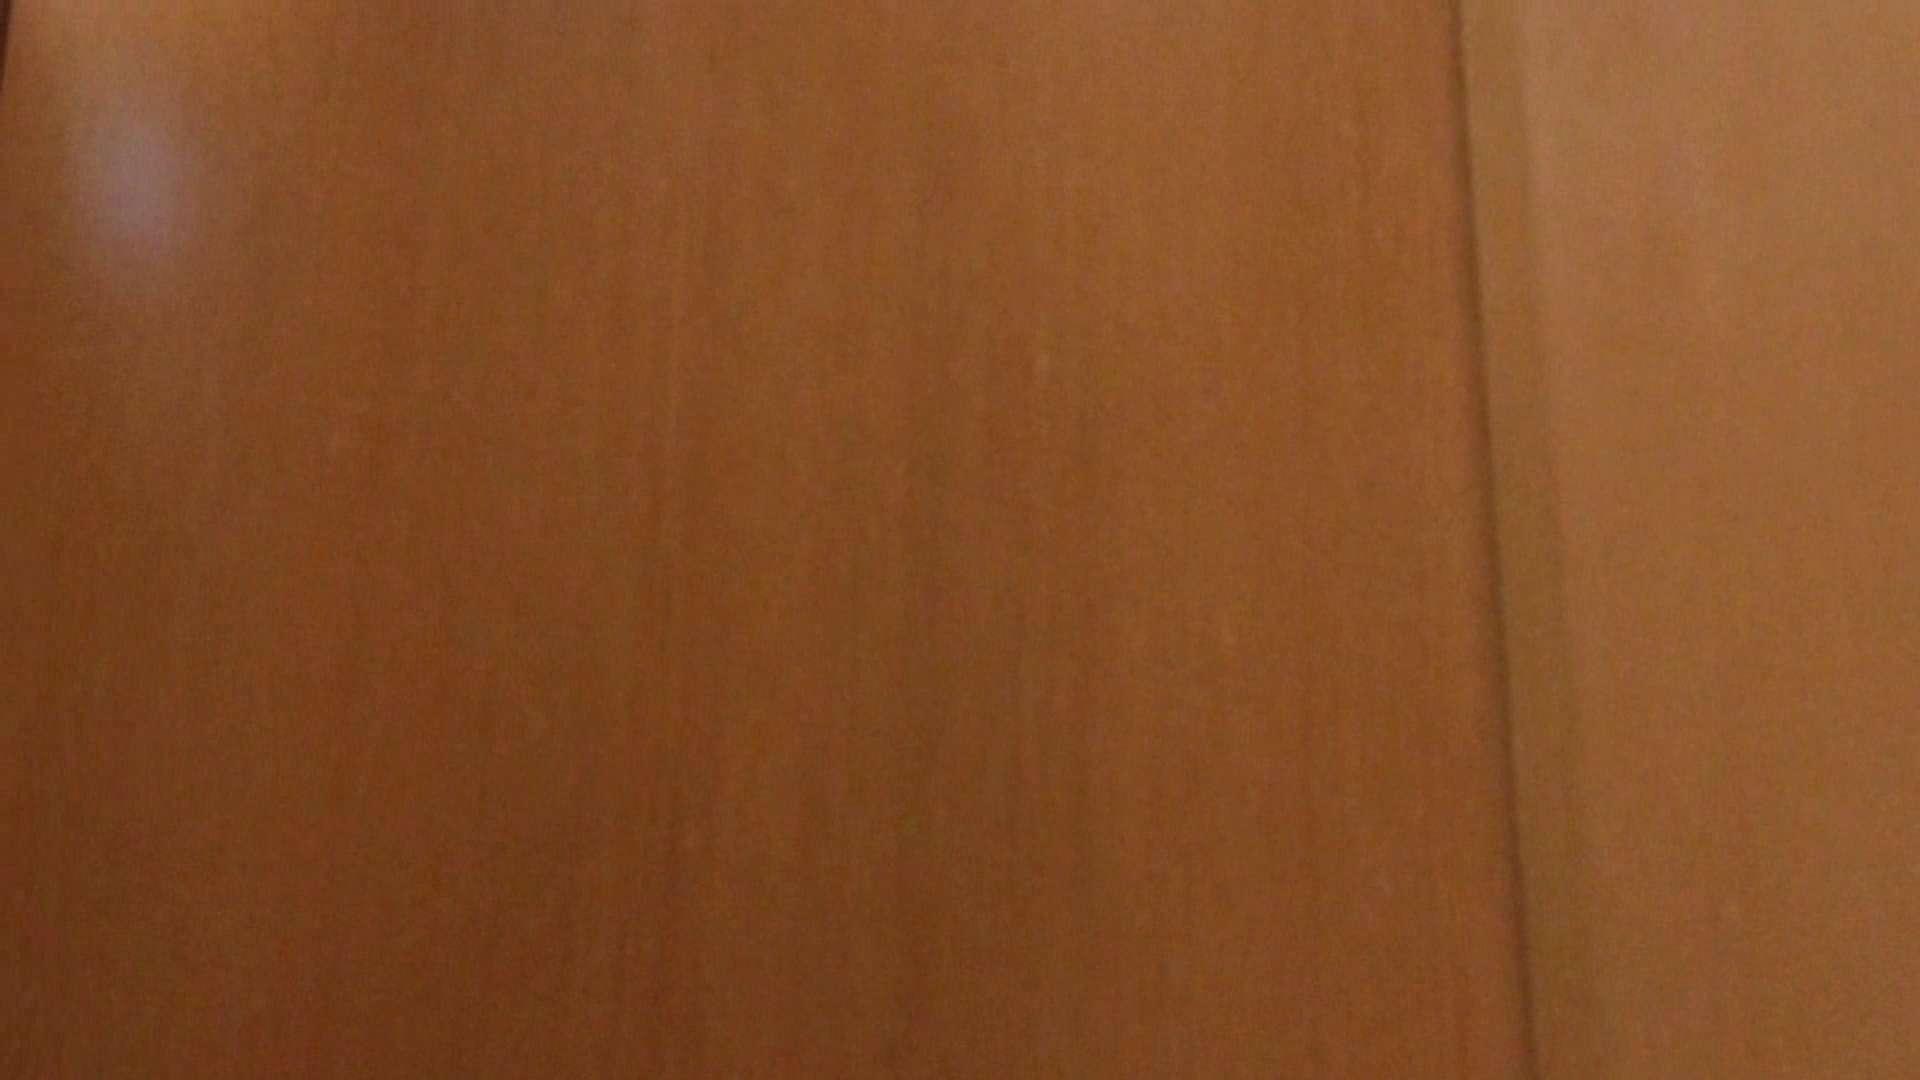 「噂」の国の厠観察日記2 Vol.02 厠 スケベ動画紹介 26連発 20